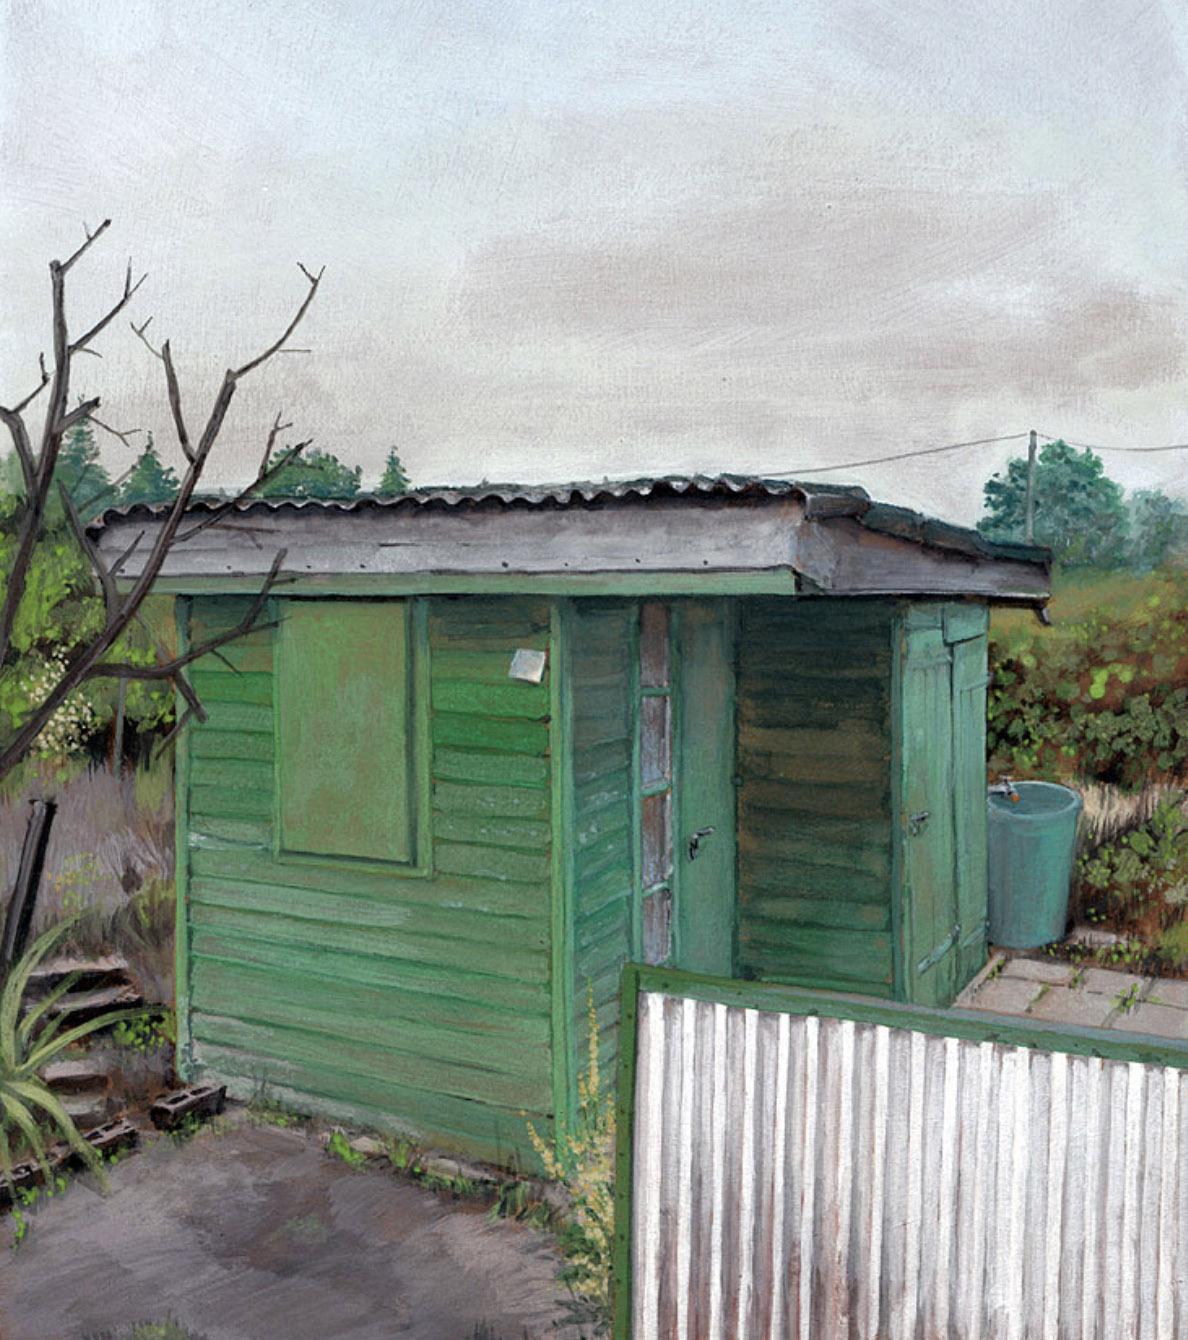 """Ommo Wille, """"Laube 6"""", 2021, Gouache, 21 x 30 cm"""